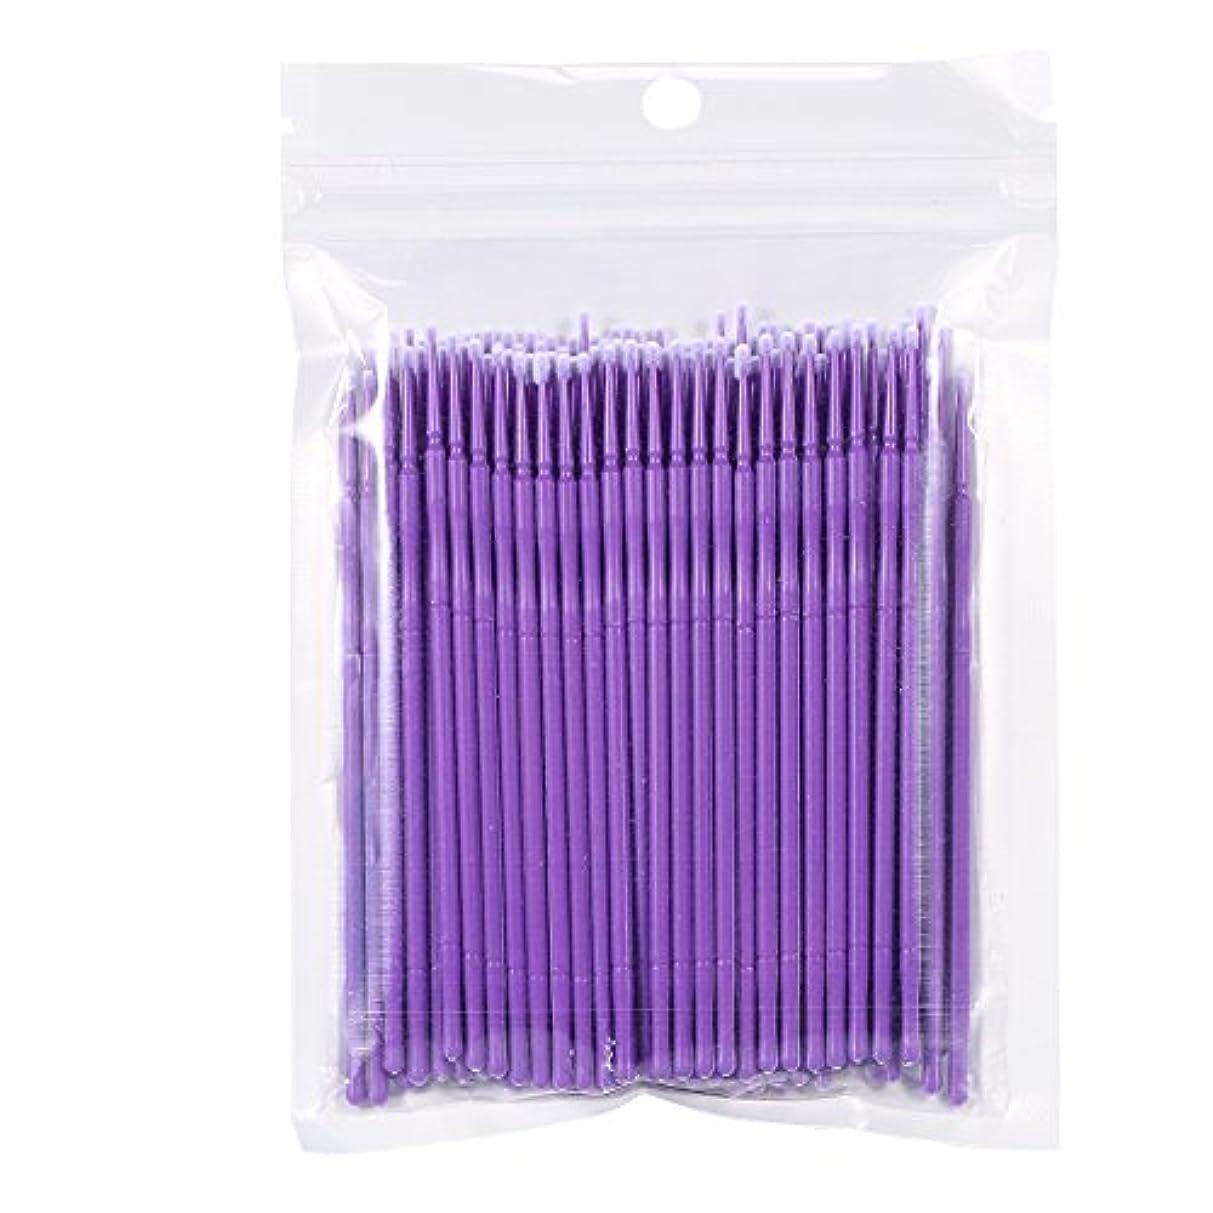 細菌粒期待する100PCS 使い捨て可能なまつげブラシ、まつ毛ブラシ 便利(紫色)